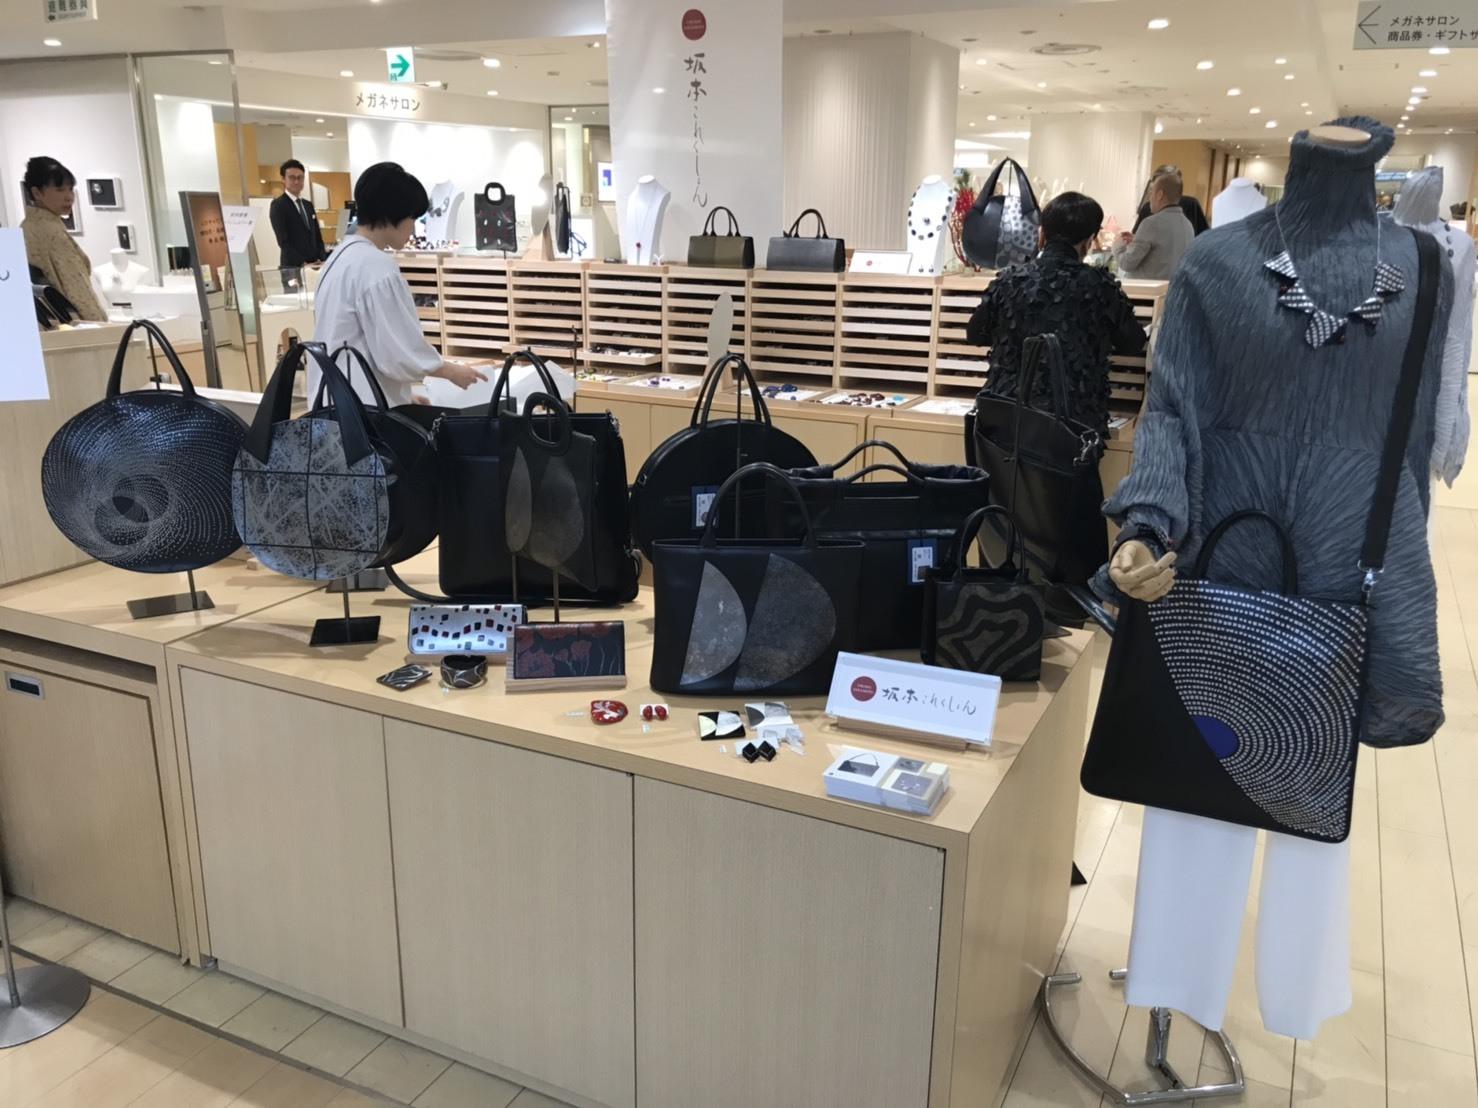 今日2月19日から、松屋銀座 7階にて展示会開催中です!_c0145608_15053835.jpg